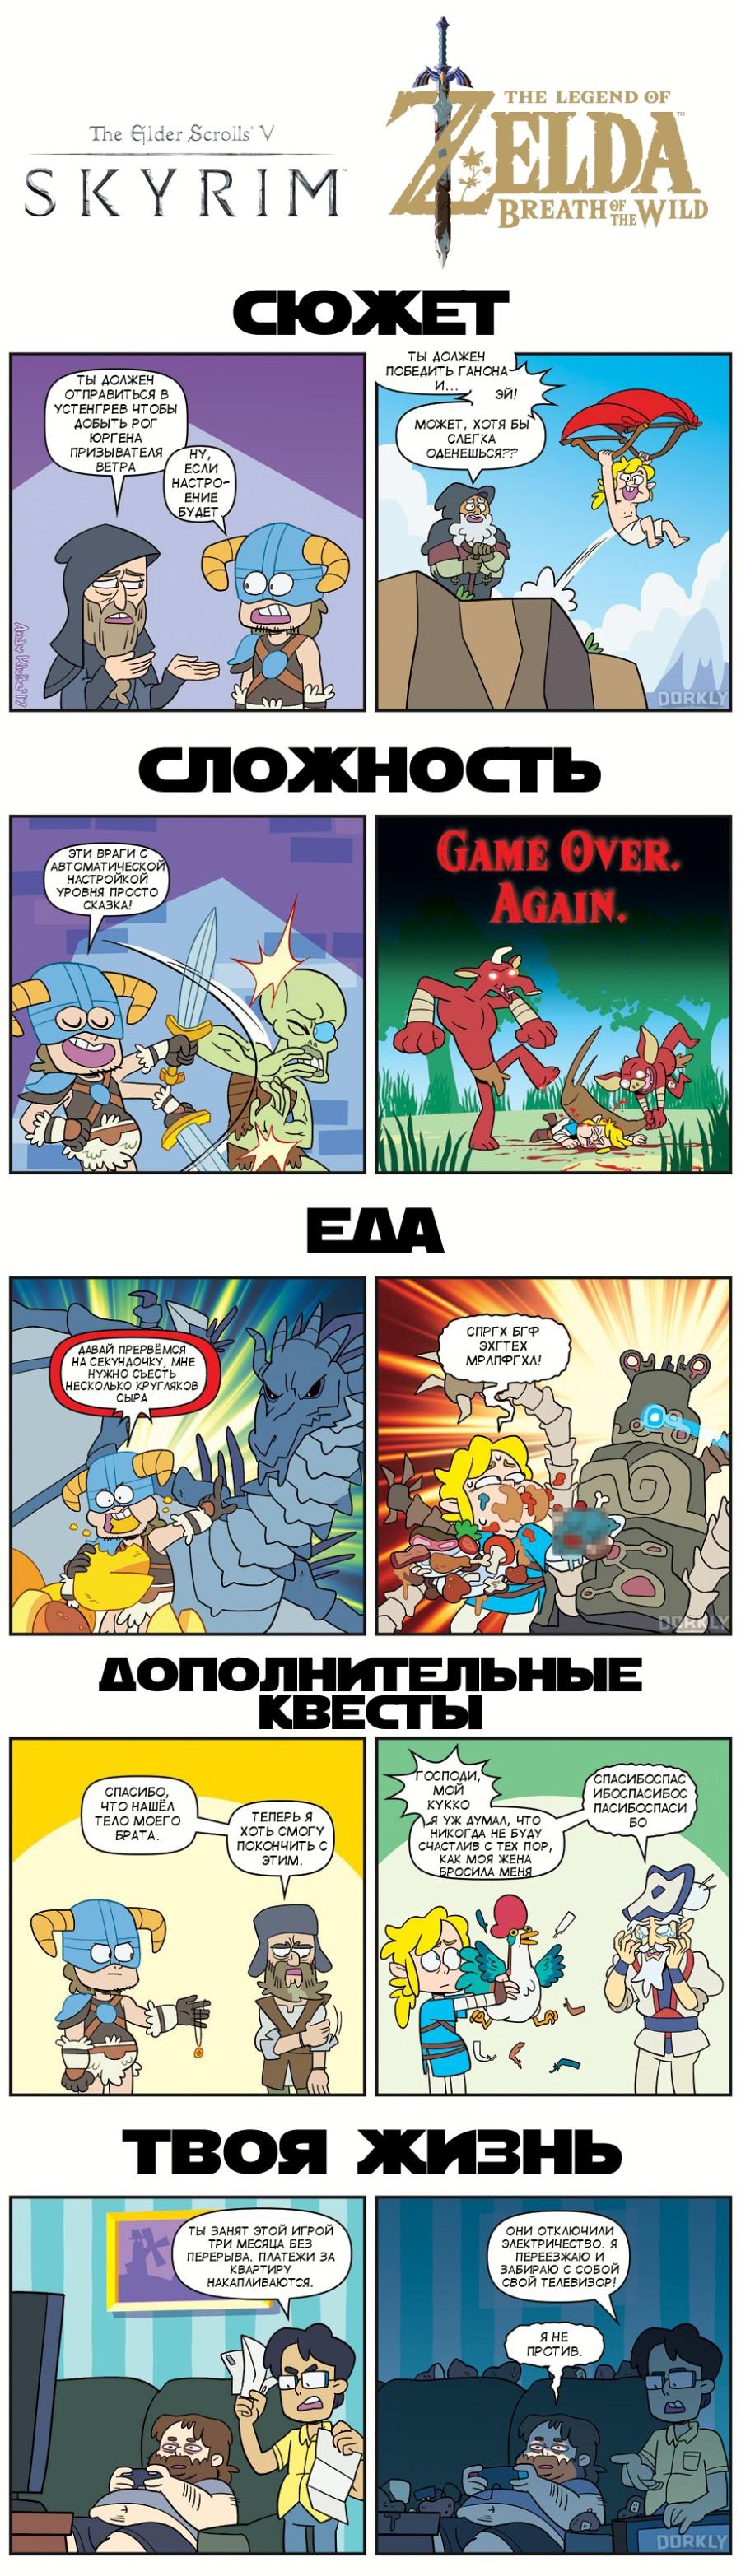 Сравнение Скайрима и Зельды